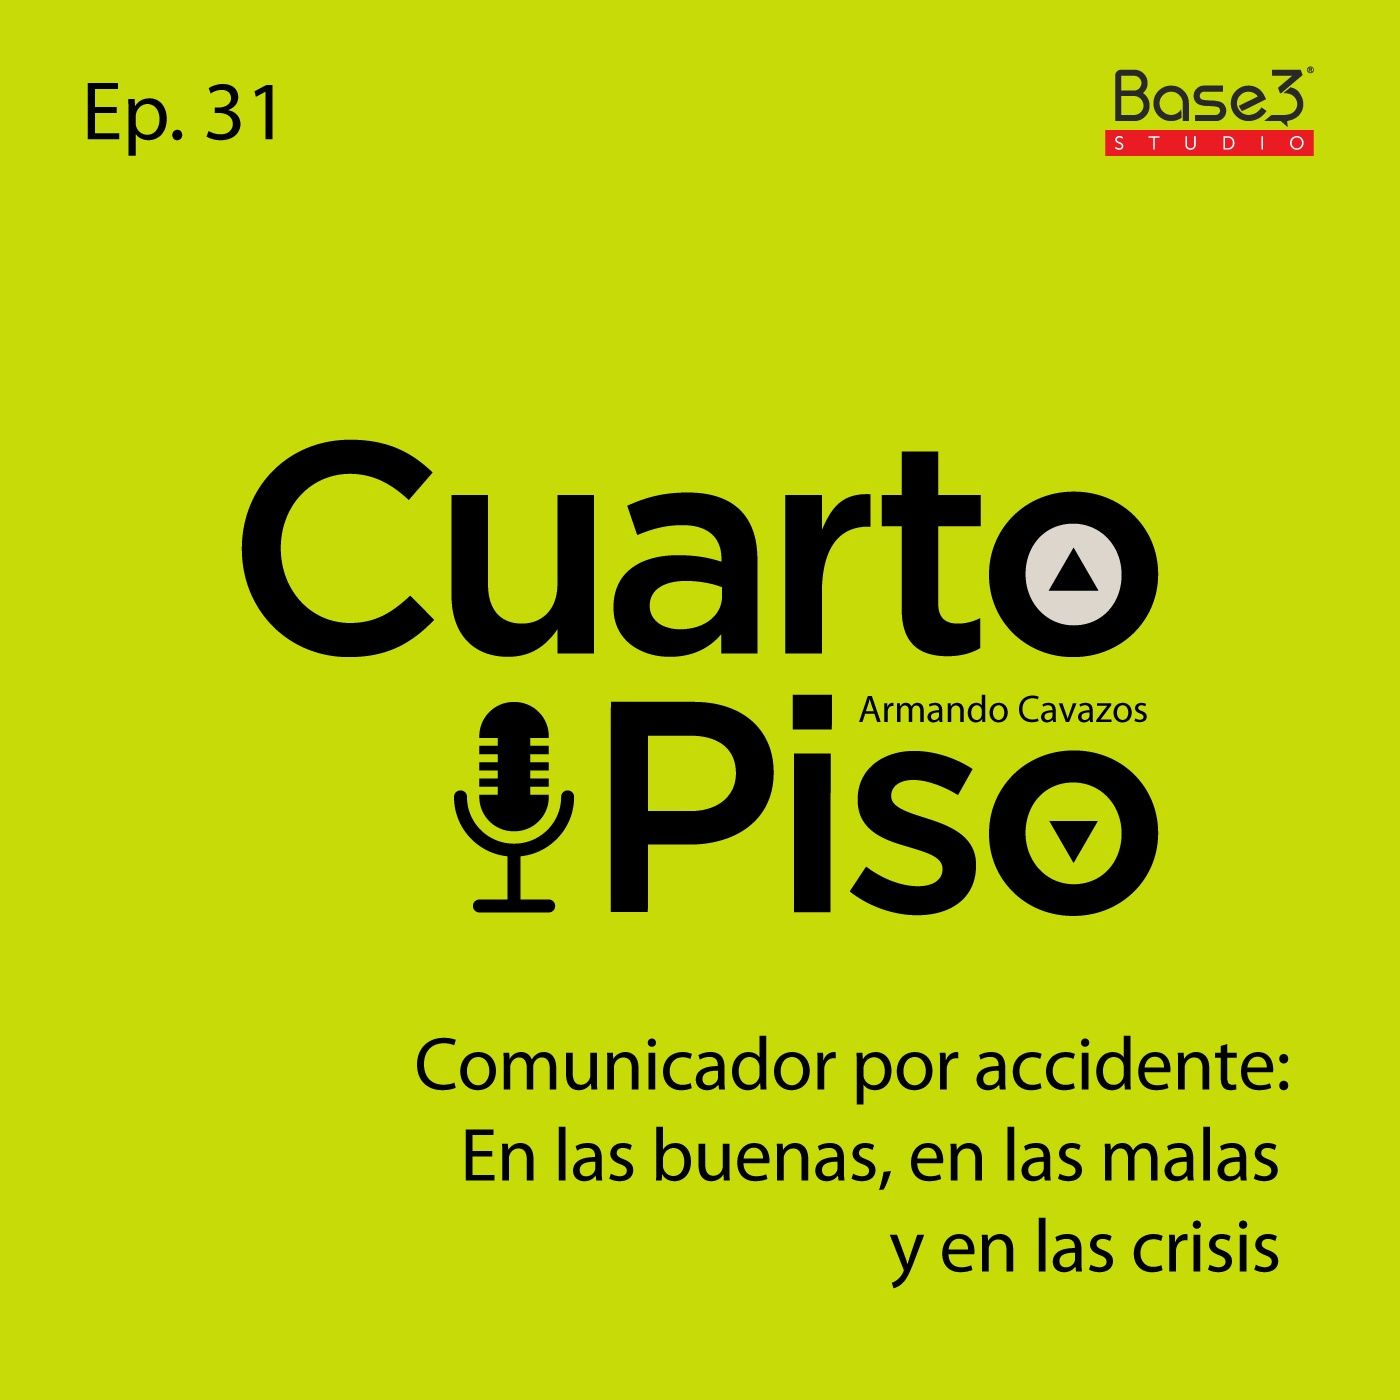 Comunicador por accidente. En las buenas, las malas y las crisis | Ep. 31